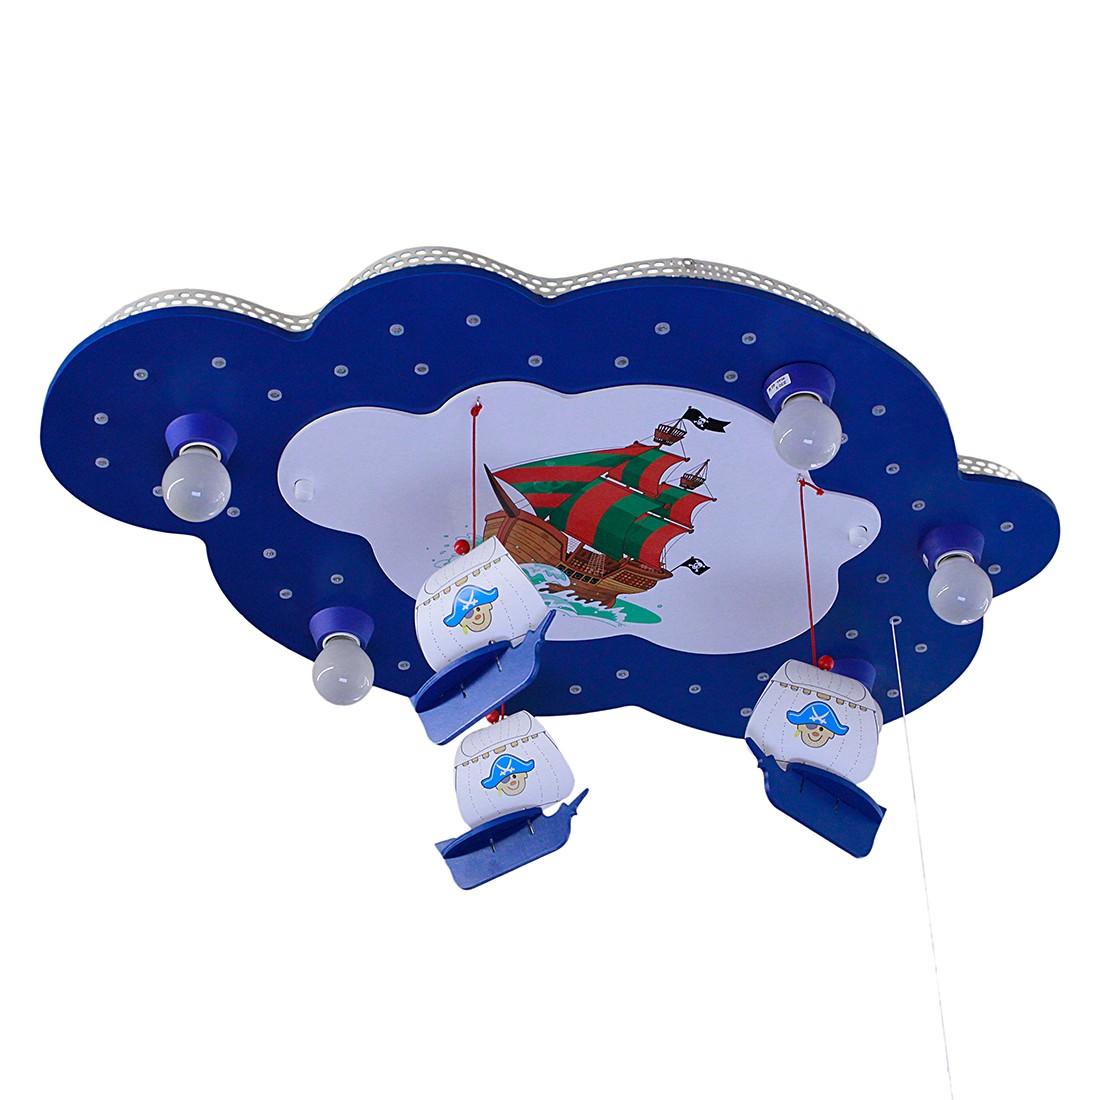 Home 24 - Eek a+, plafonnier nuage avec image de bateau pirate 5 / 40 - bois ampoules, elobra